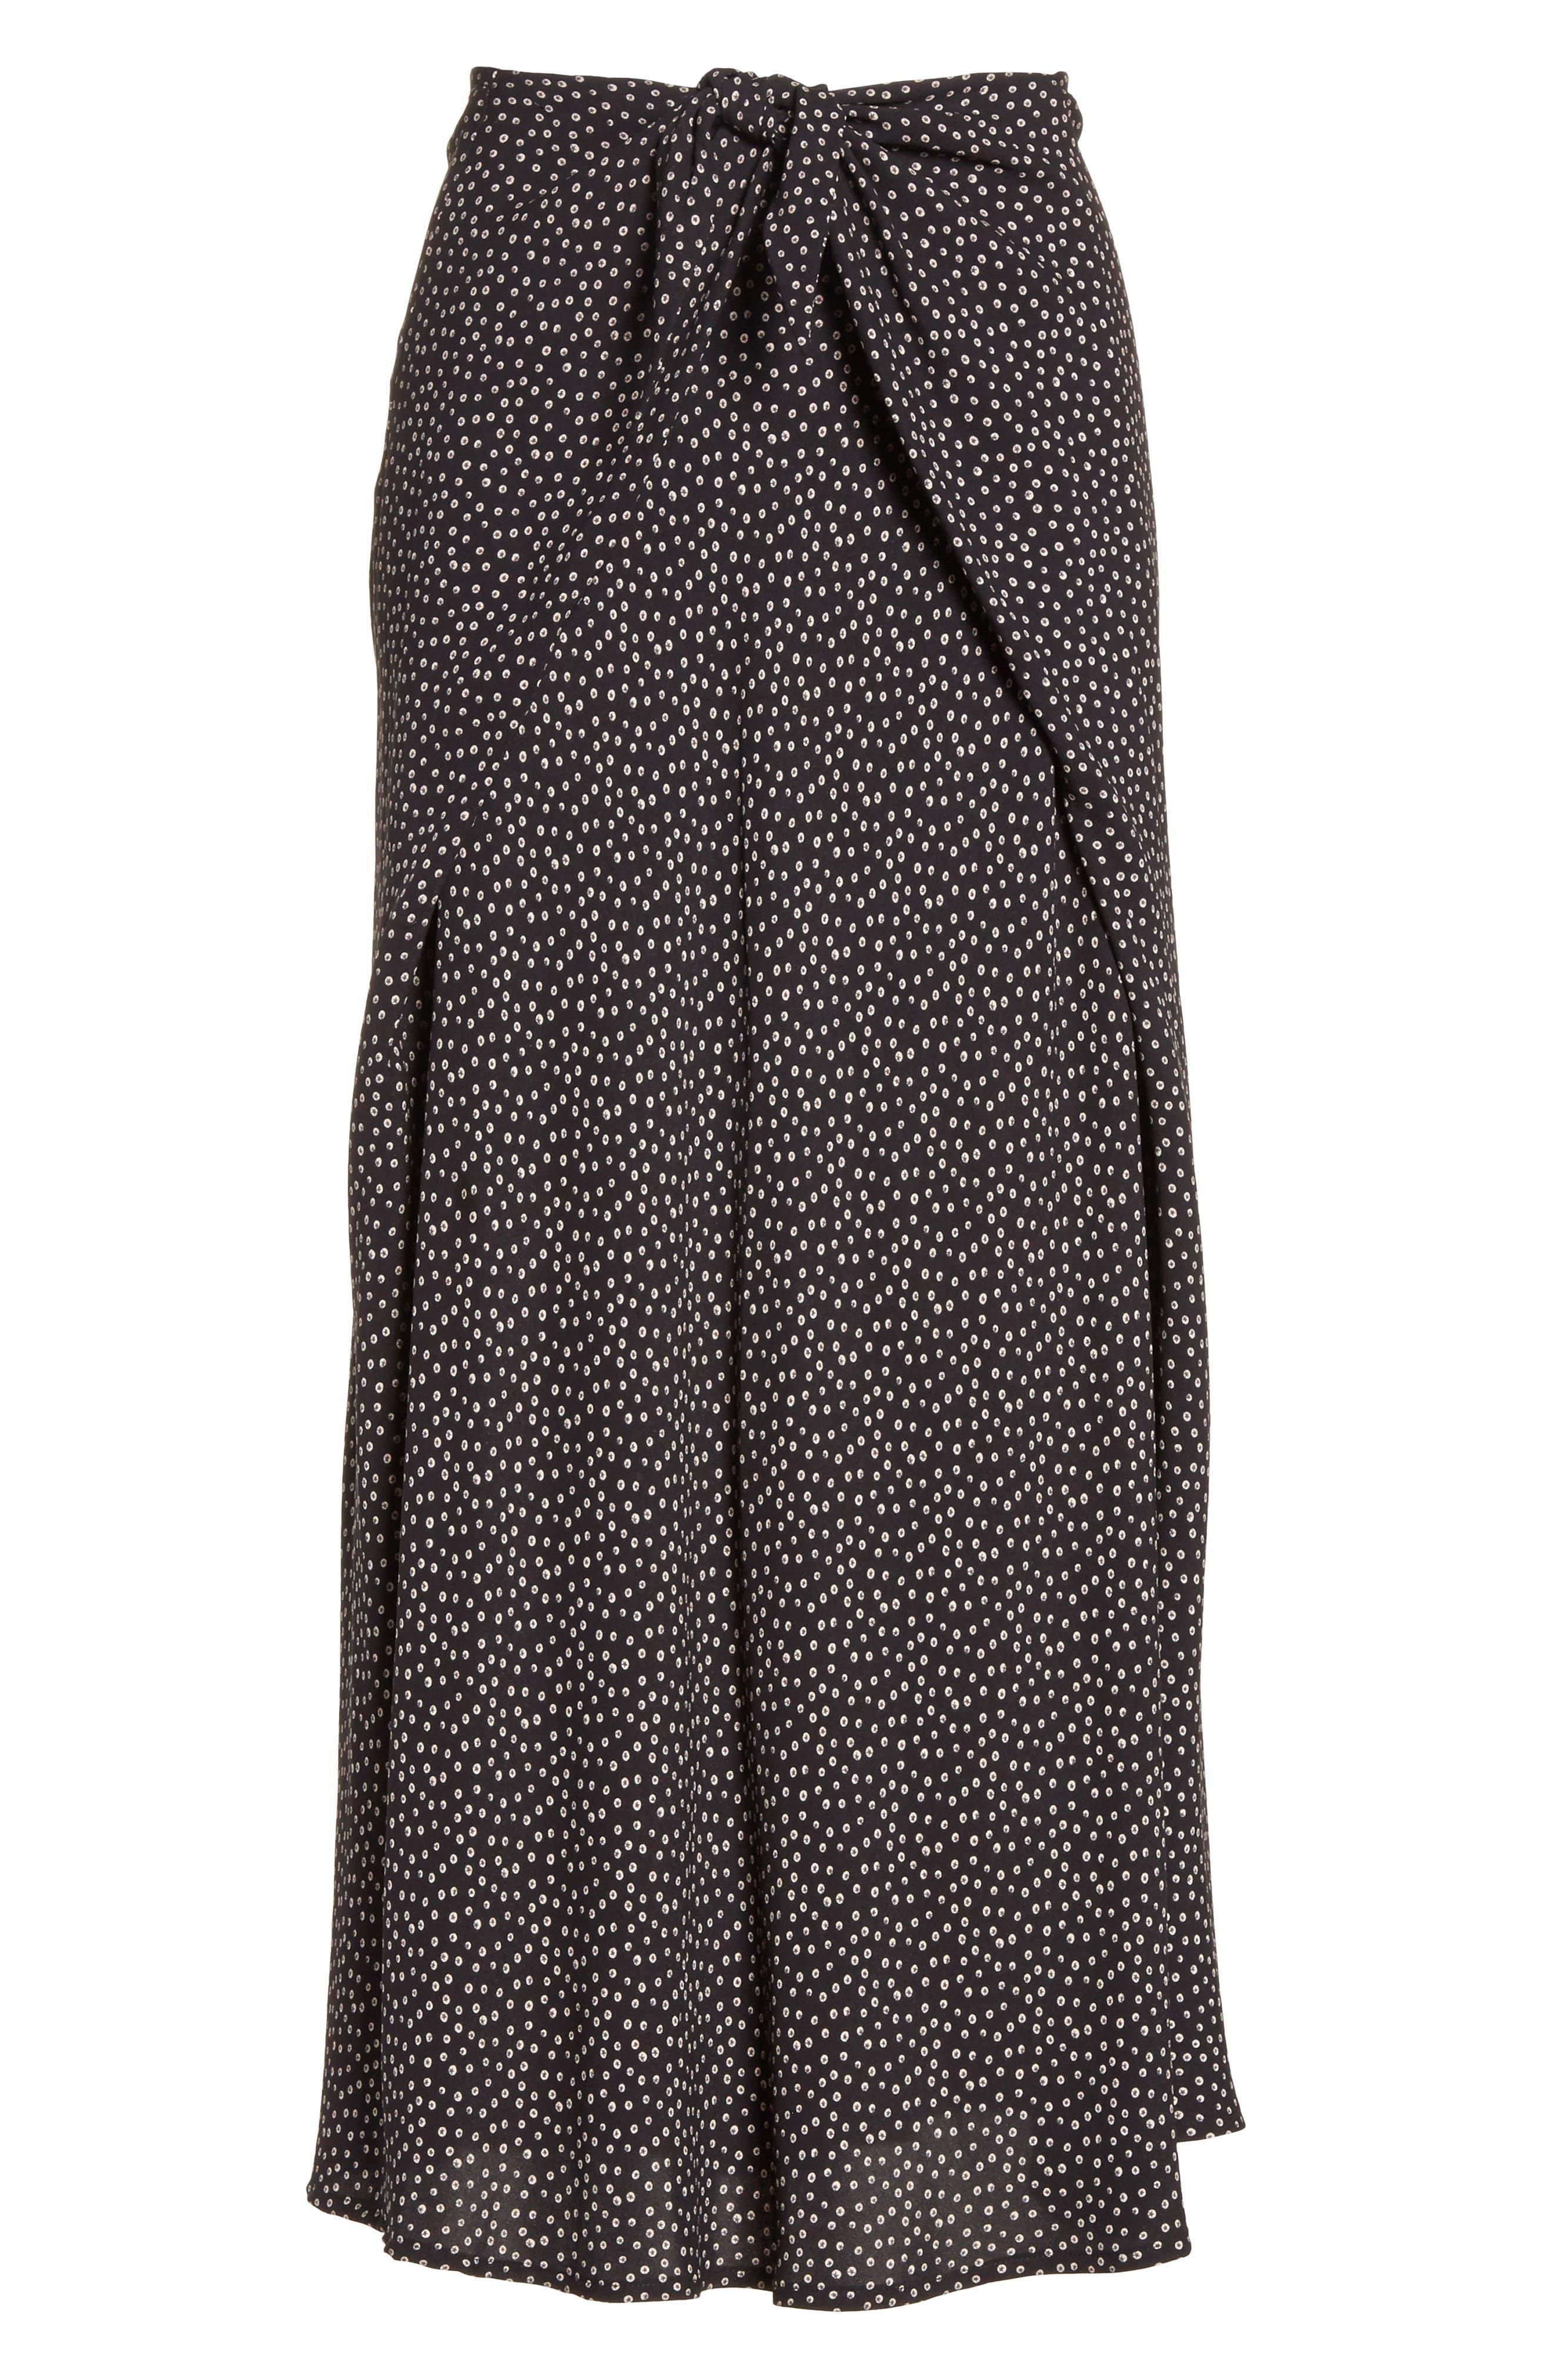 Celestial Polka Dot Skirt,                             Alternate thumbnail 7, color,                             Black/ Dark Wolf